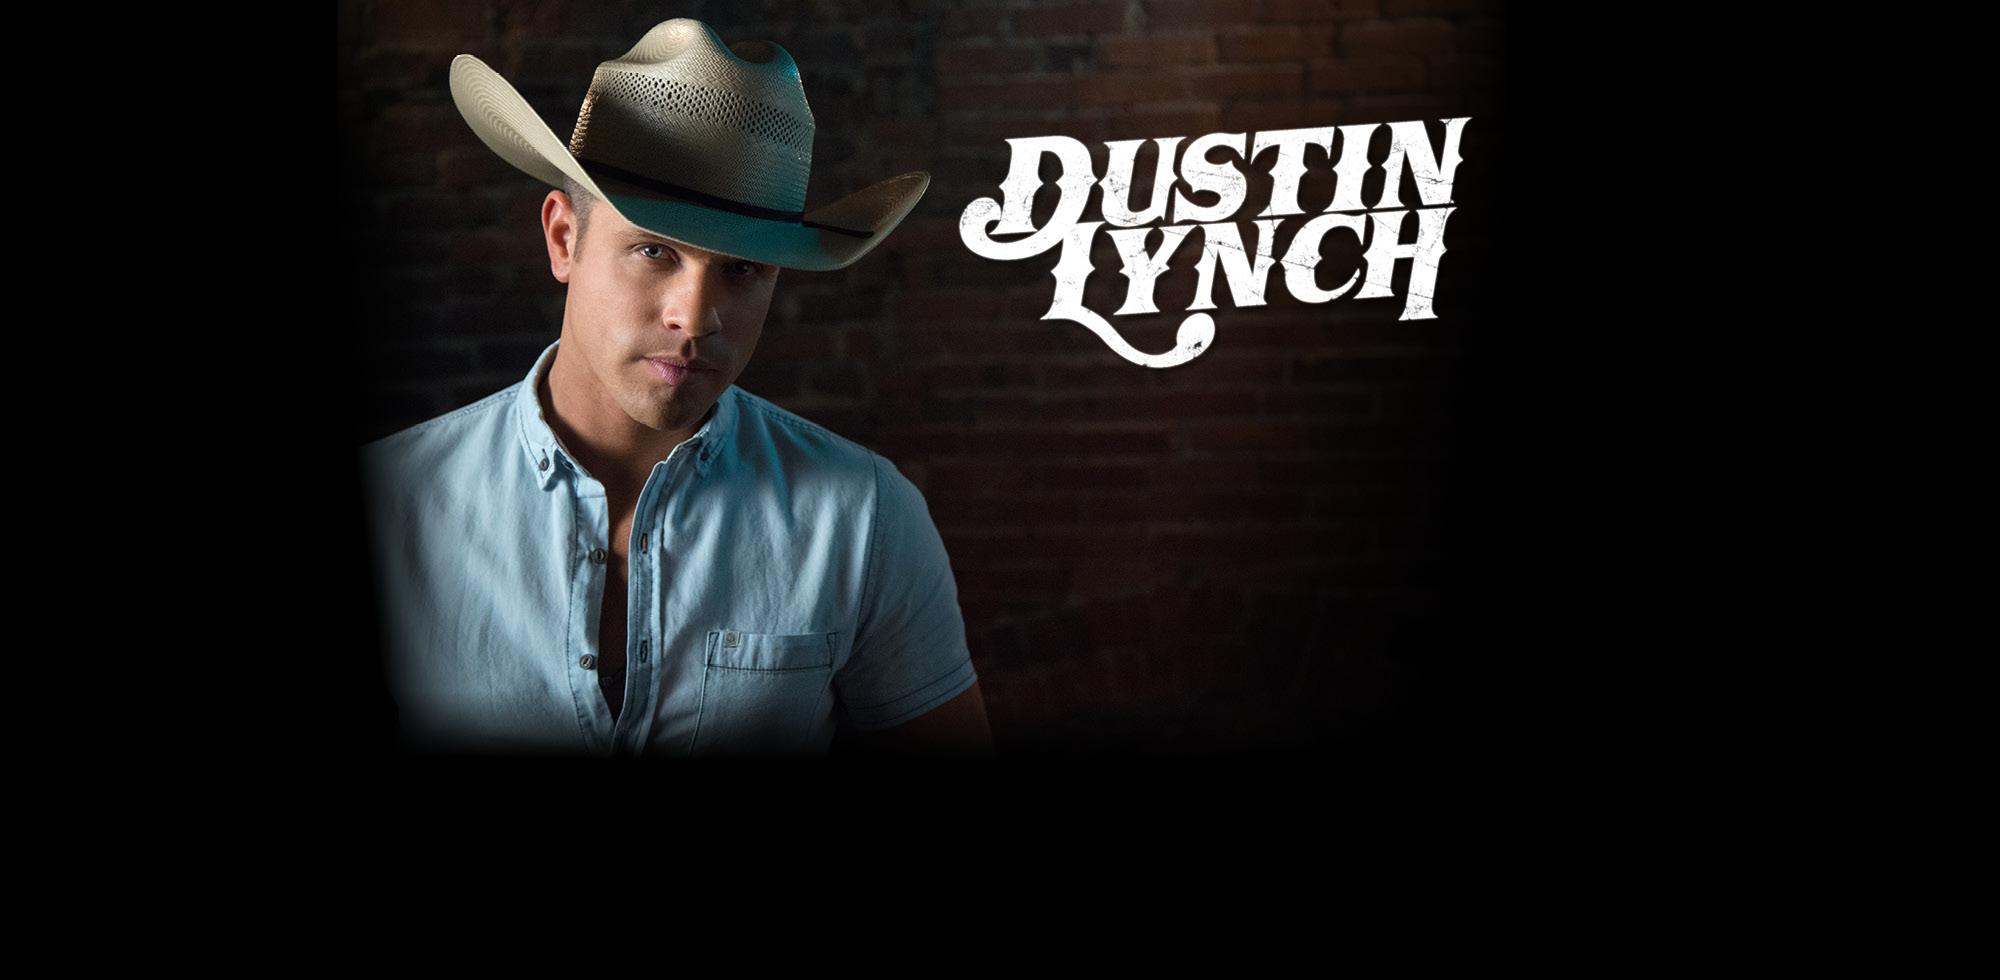 Dustin Lynch 2016 Tour